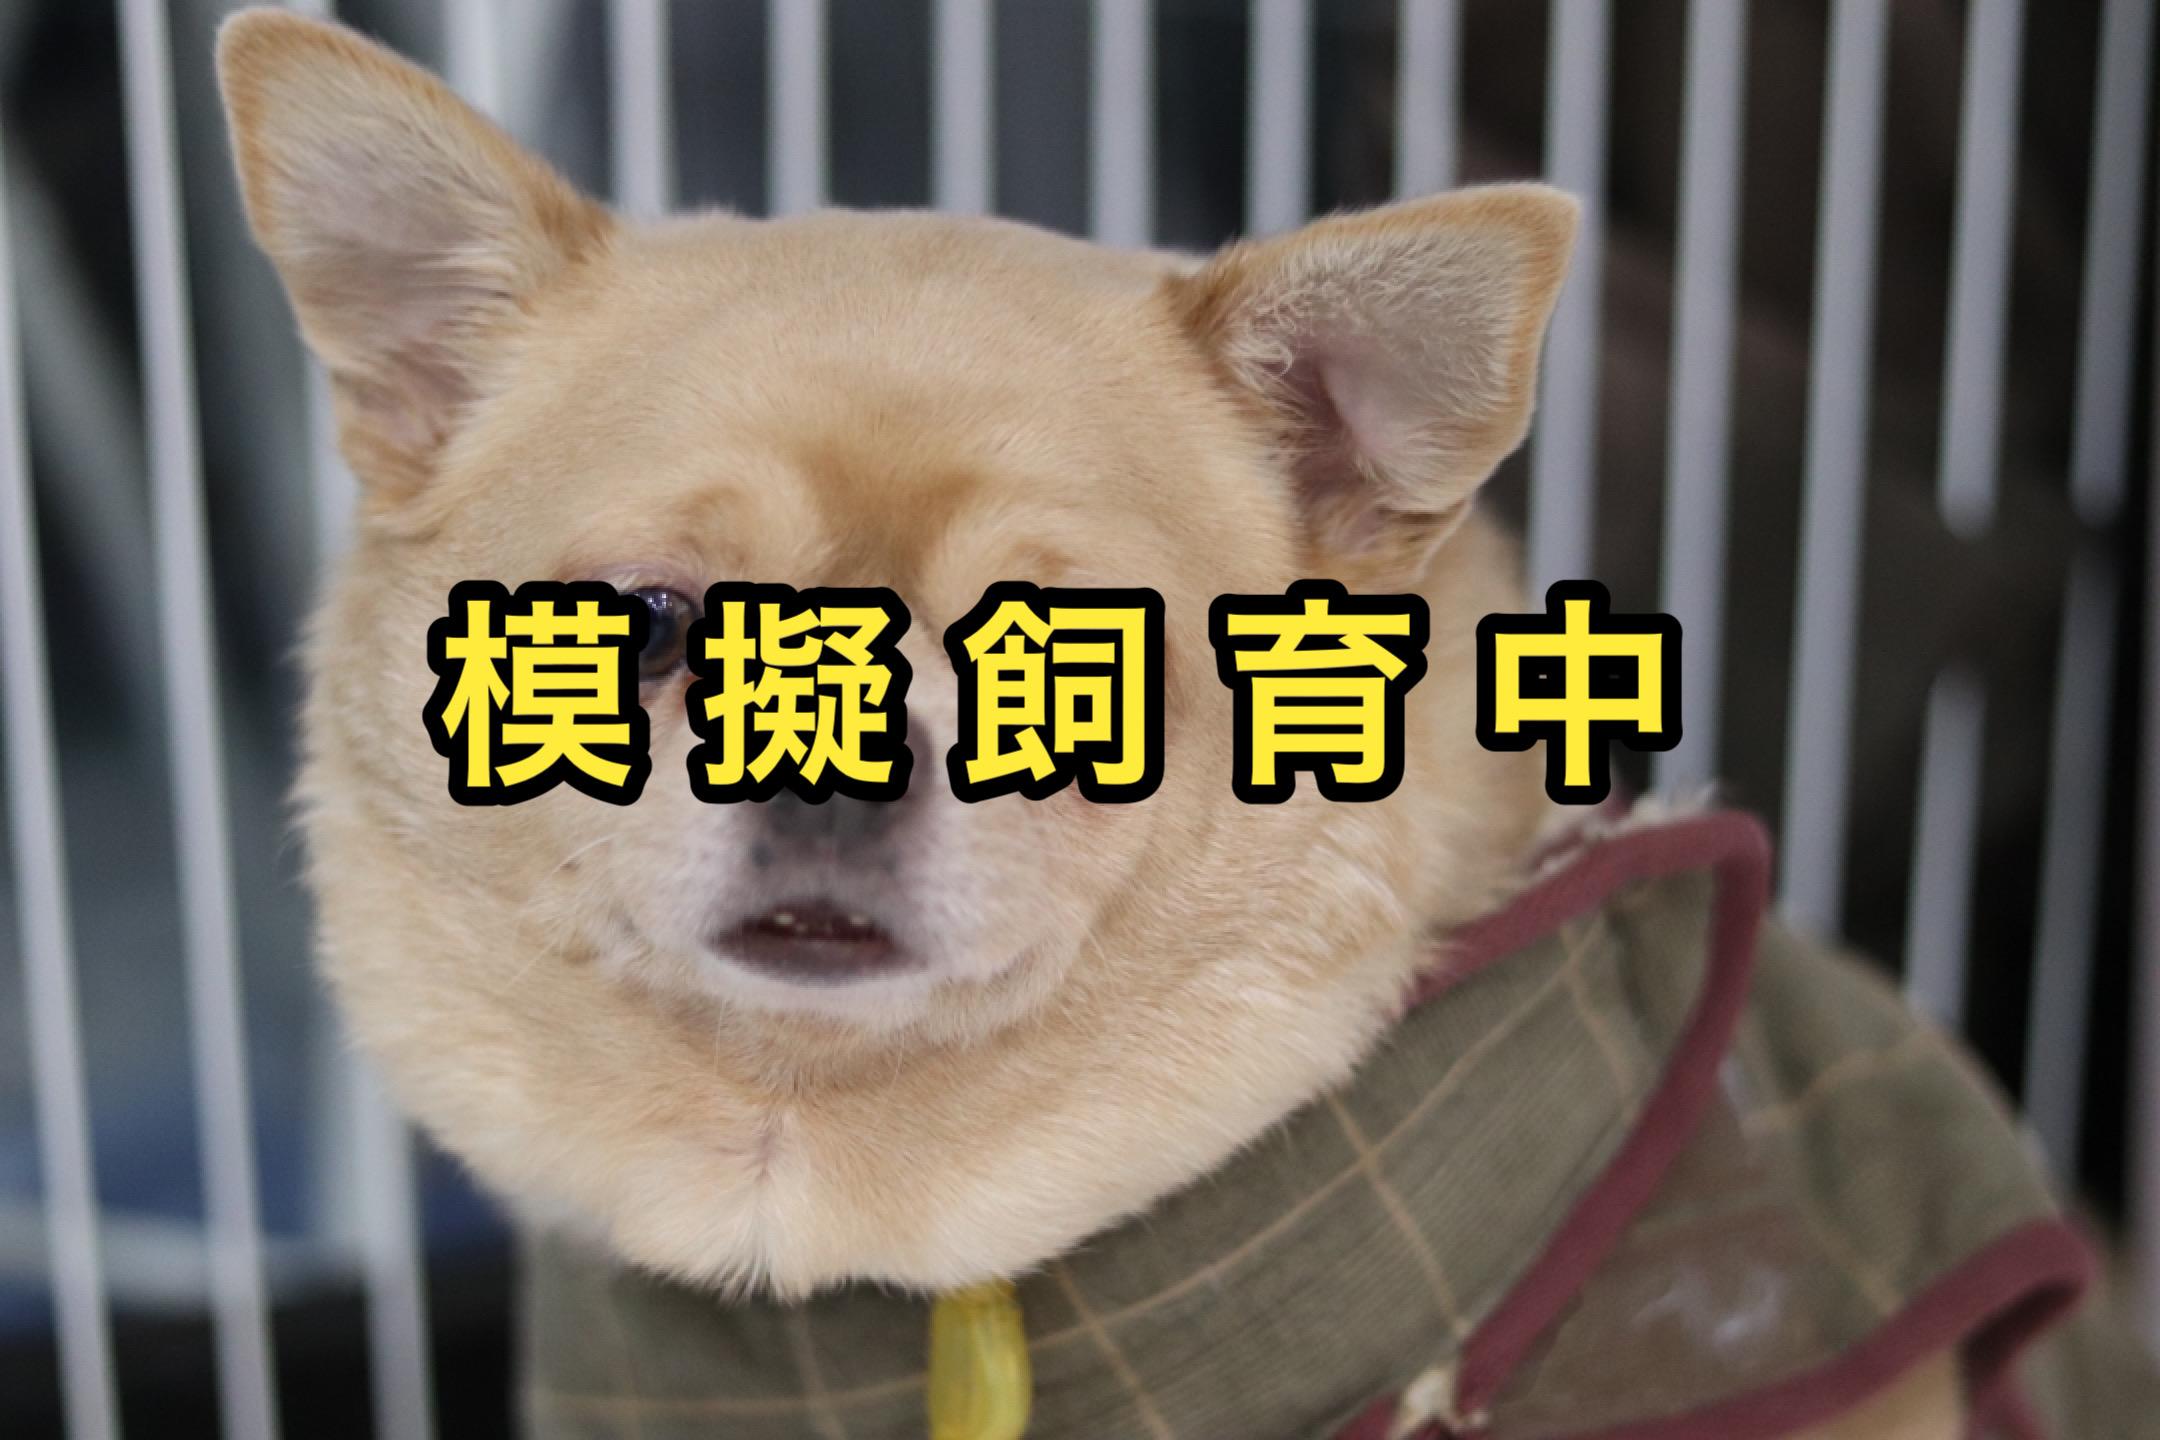 <ul> <li>犬種:スムースチワワ</li> <li>性別:男の子</li> <li>名前:あらし</li> <li>年齢:2014年頃生まれ</li> <li>保護経緯:飼い主が急逝され、親族も引き継いで飼えないため飼育困難</li> </ul>